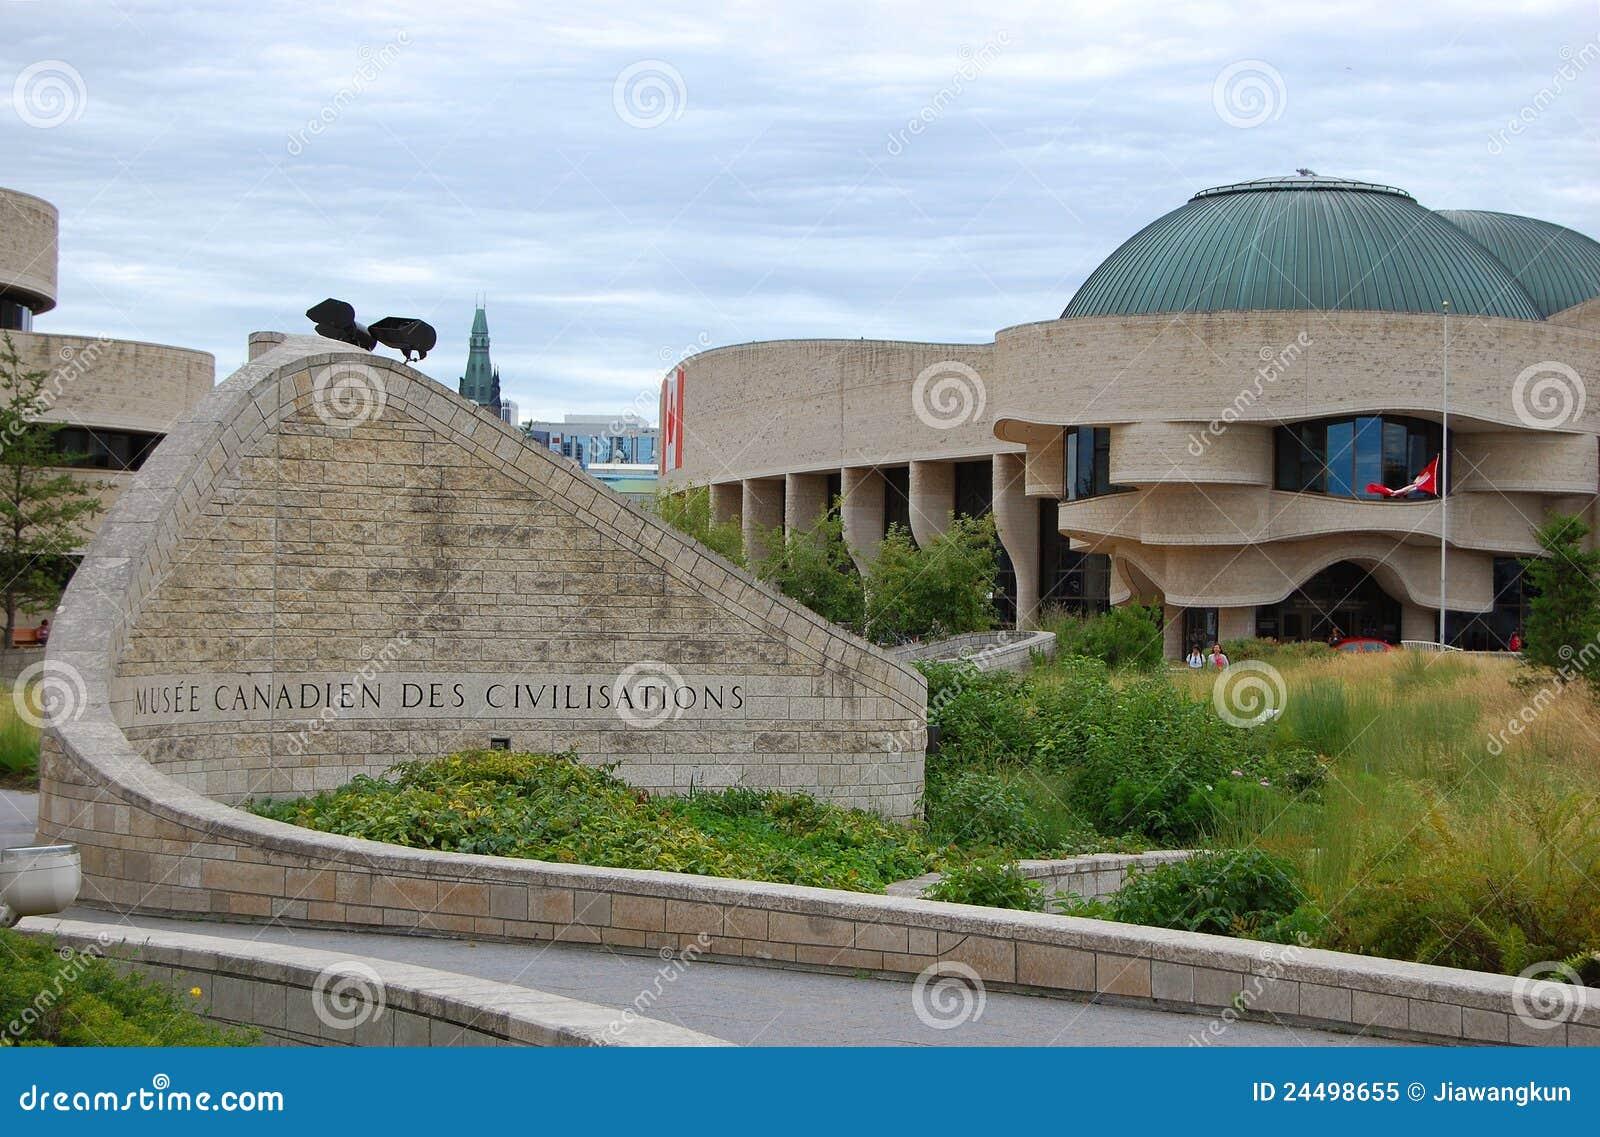 Canadian museum of civilization gatineau quebec for Museum of civilization quebec city